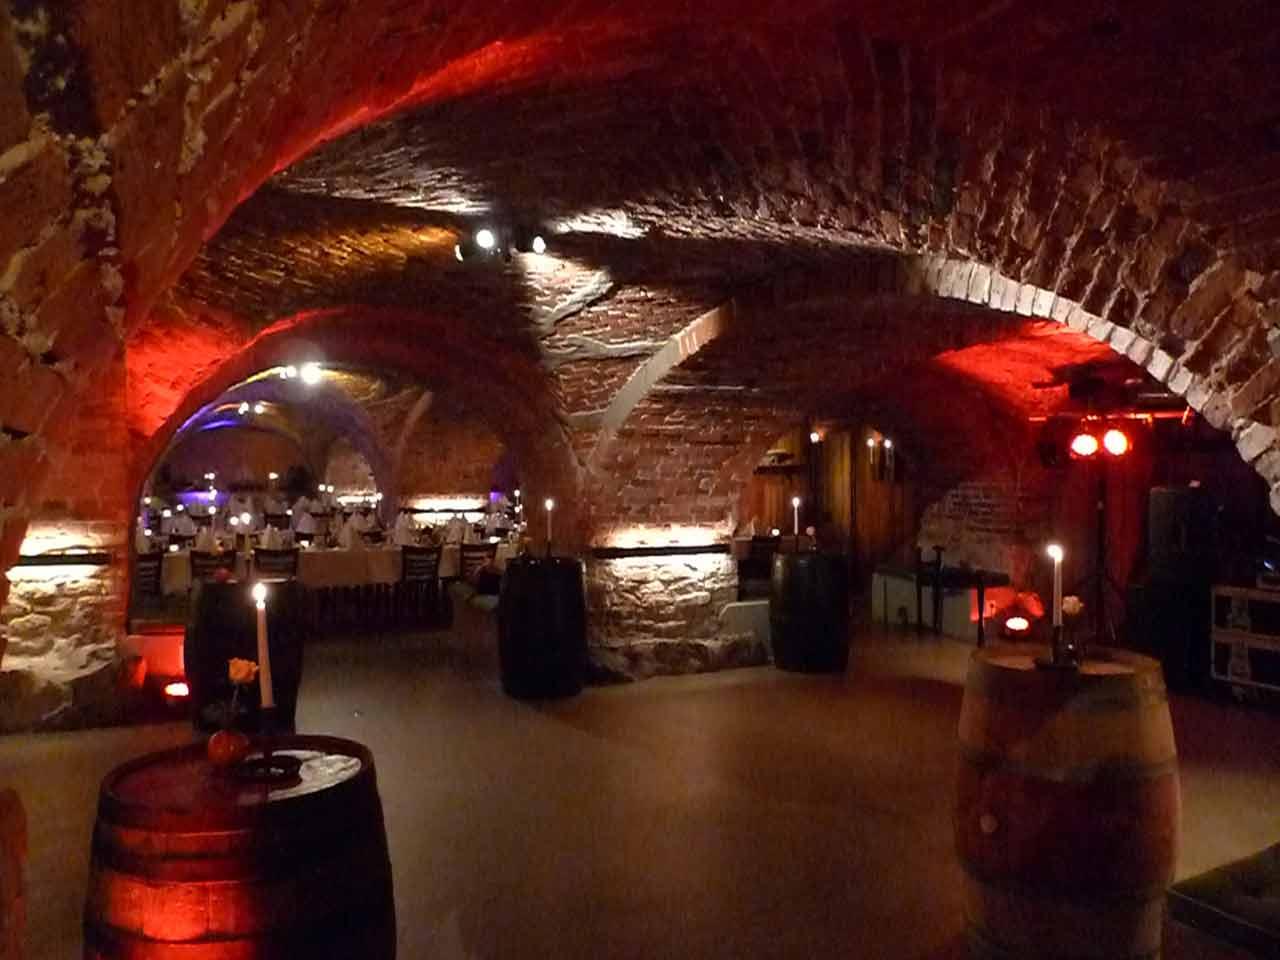 Valvet festlokal på Skeppsholmen